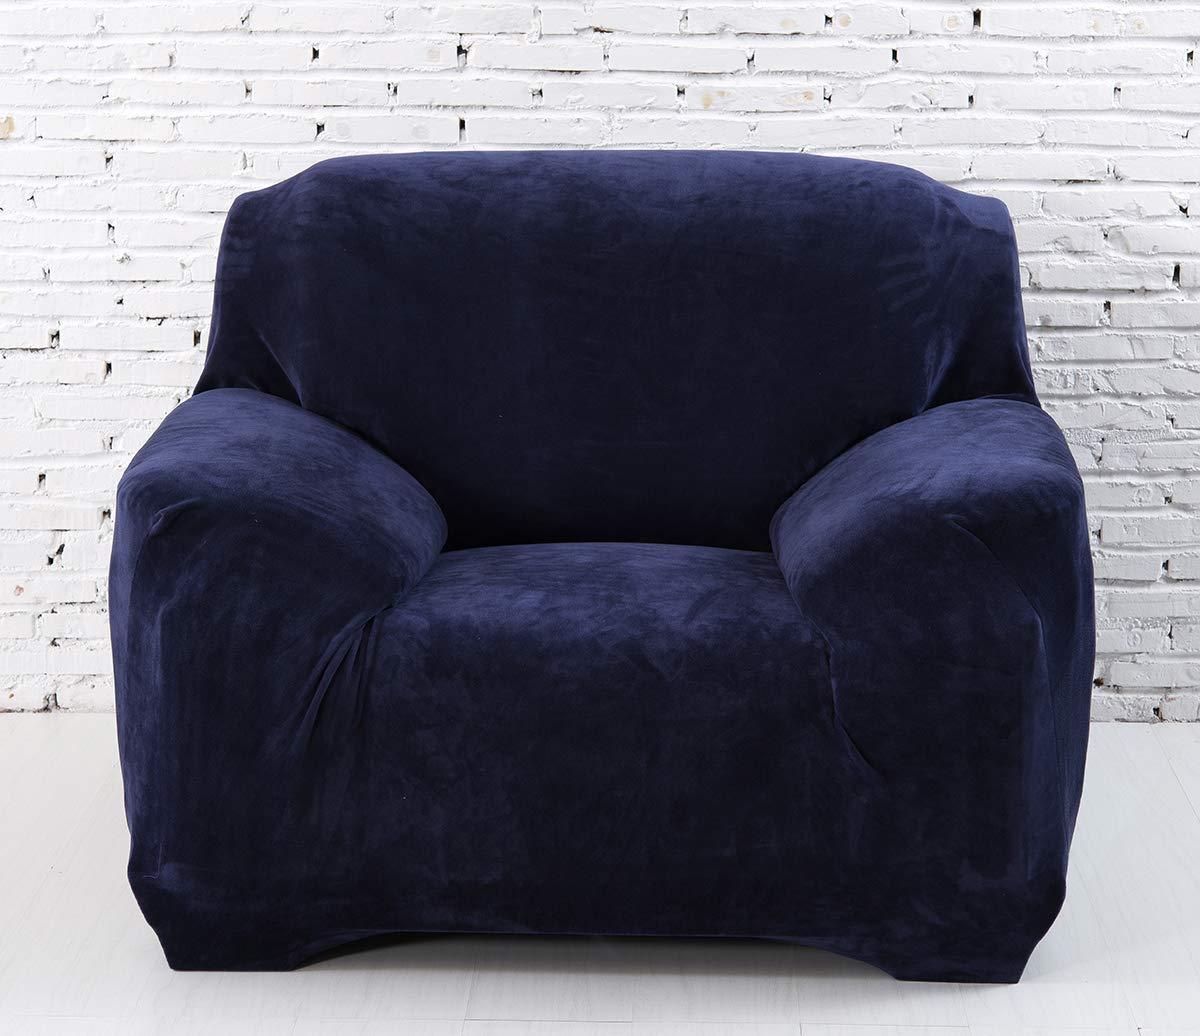 Aisaving Sofa-Überzug aus dickem SAMT, für 1 2   3 4-Sitzer, Rutschfest, elastisch, für Sofas geeignet, einfarbig, rot, 4 Seater 235-310cm(93''-118'') B07HX2DMX4 Sofa-überwürfe